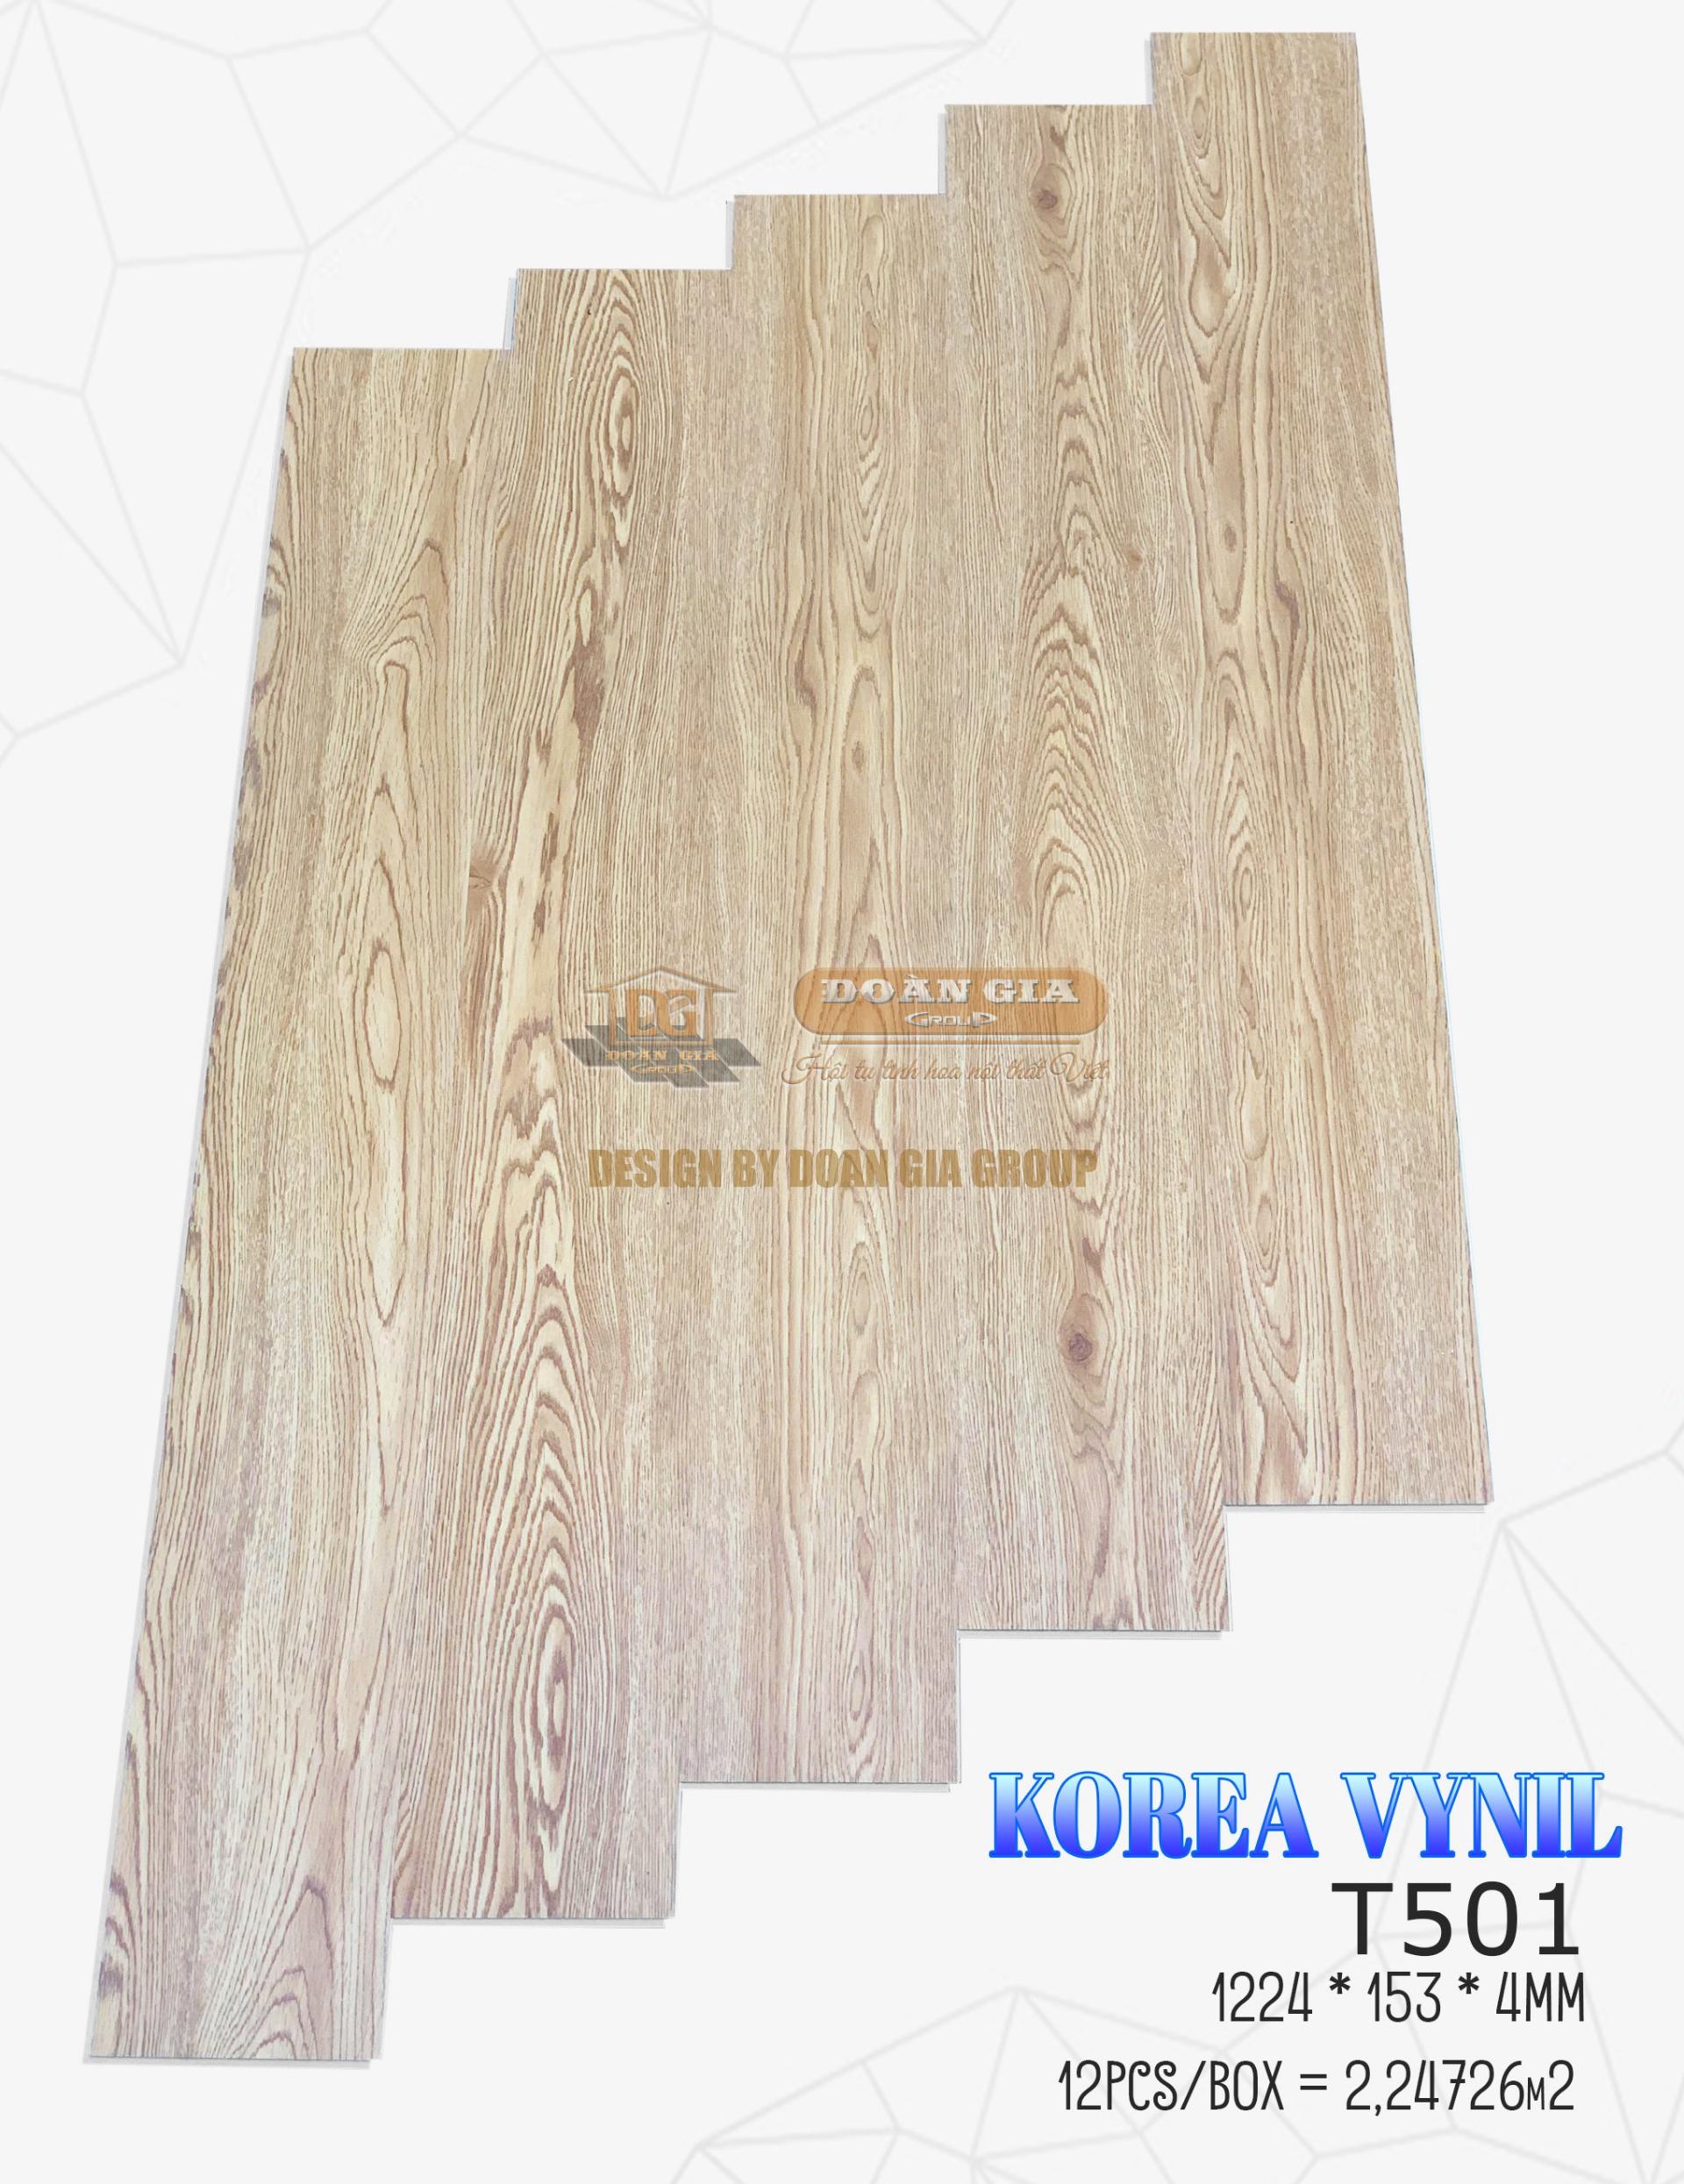 san-nhua-korea-vinyl-501